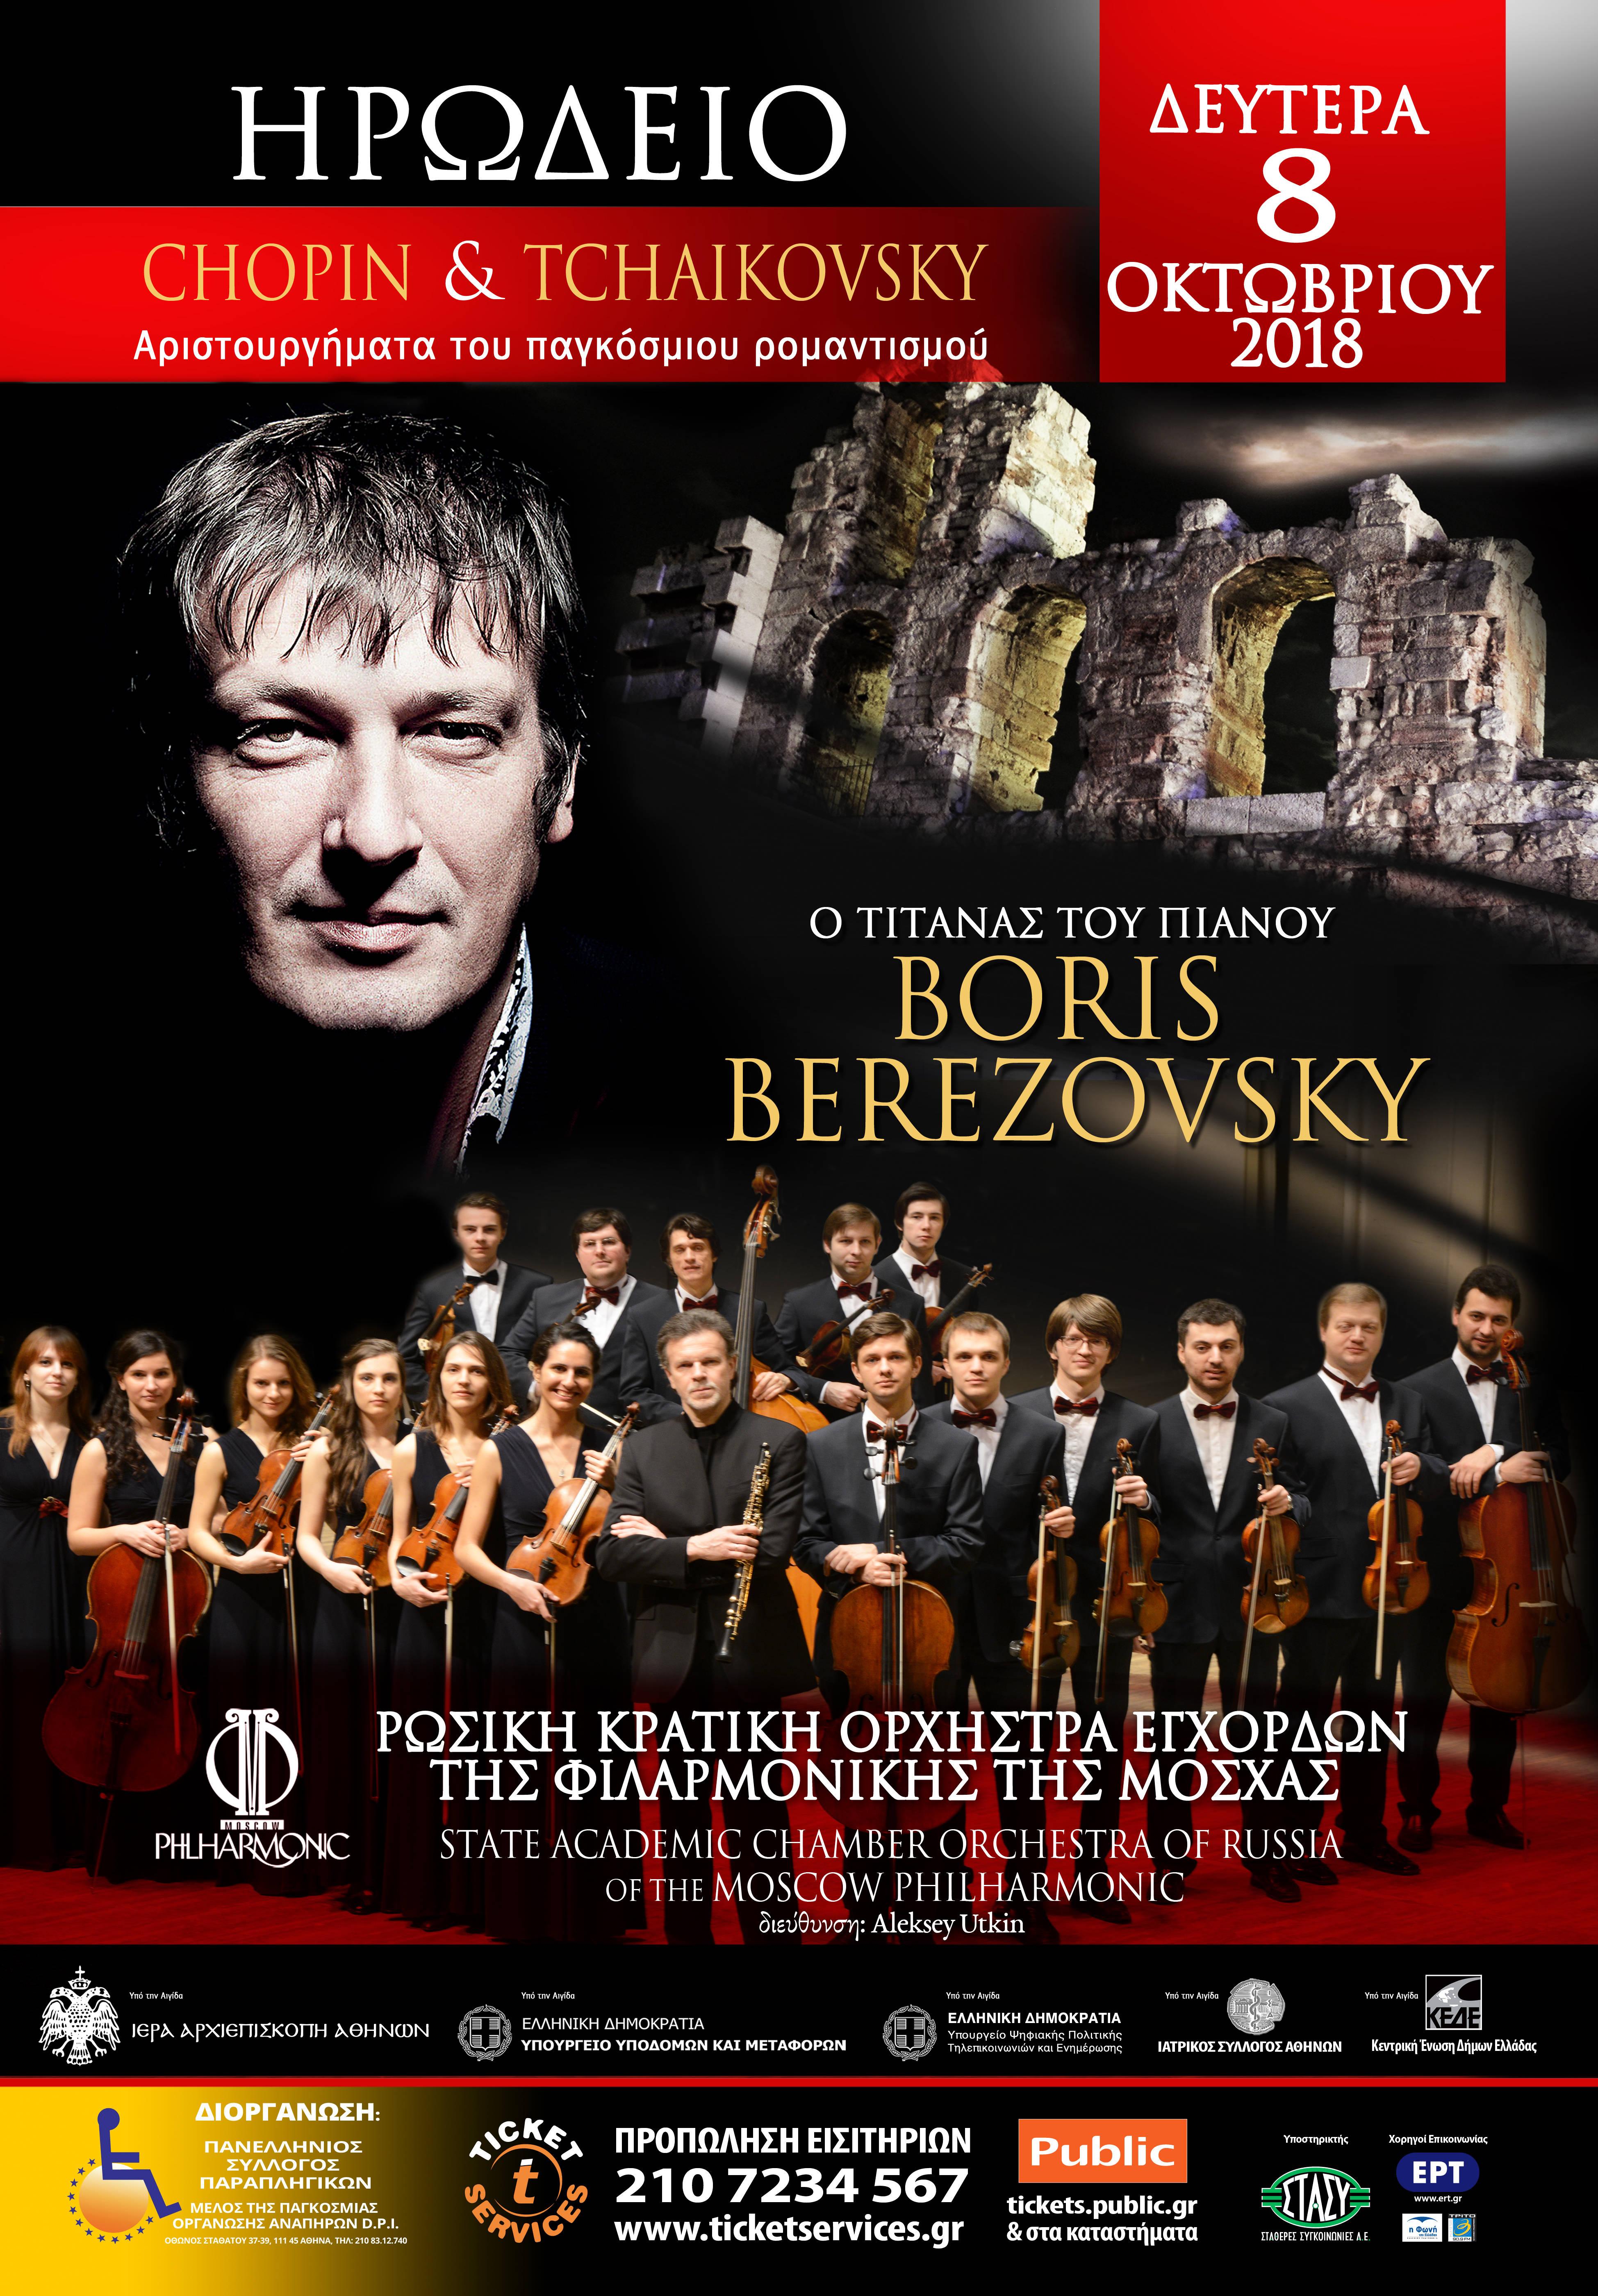 o-diasimos-pianistas-mporis-mperezovski-sto-odeio-irodoy-attikoy5